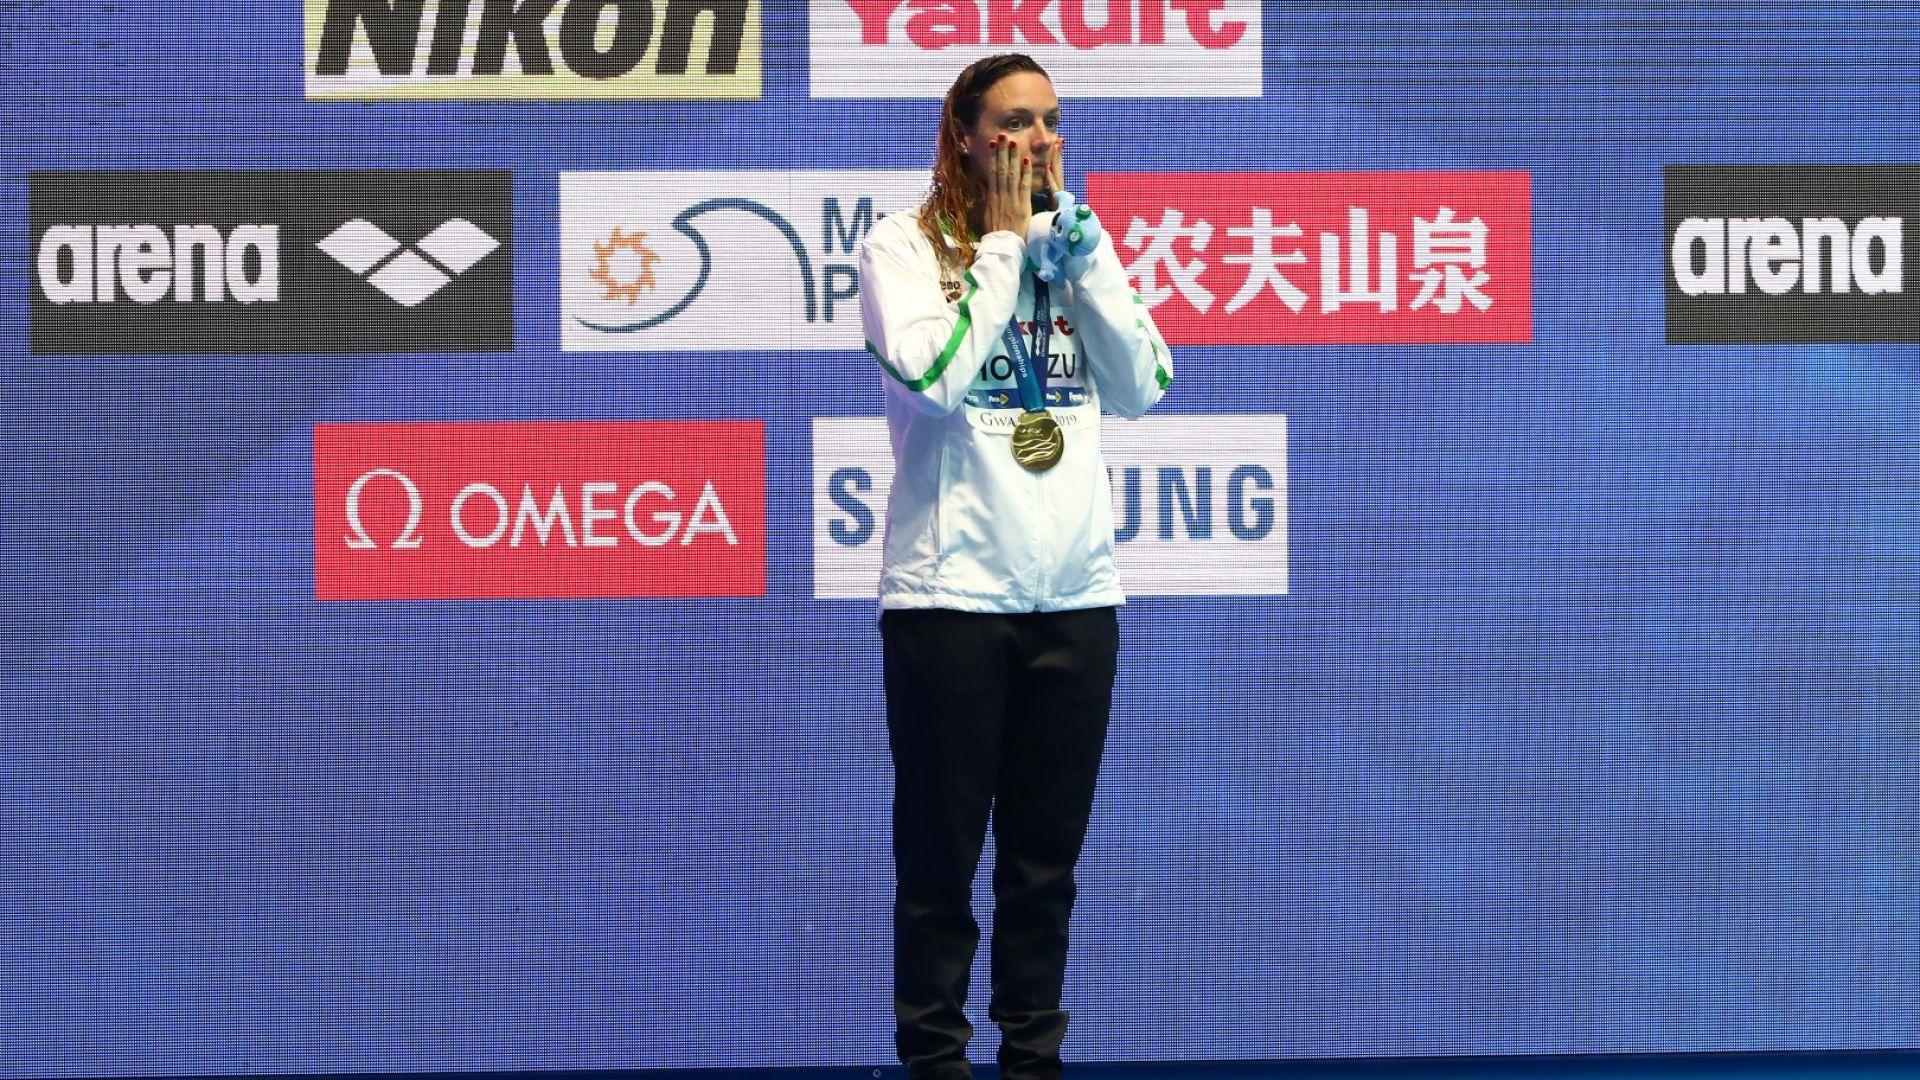 Невероятната Хошу грабна четвърта световна титла на 200 м съчетано плуване